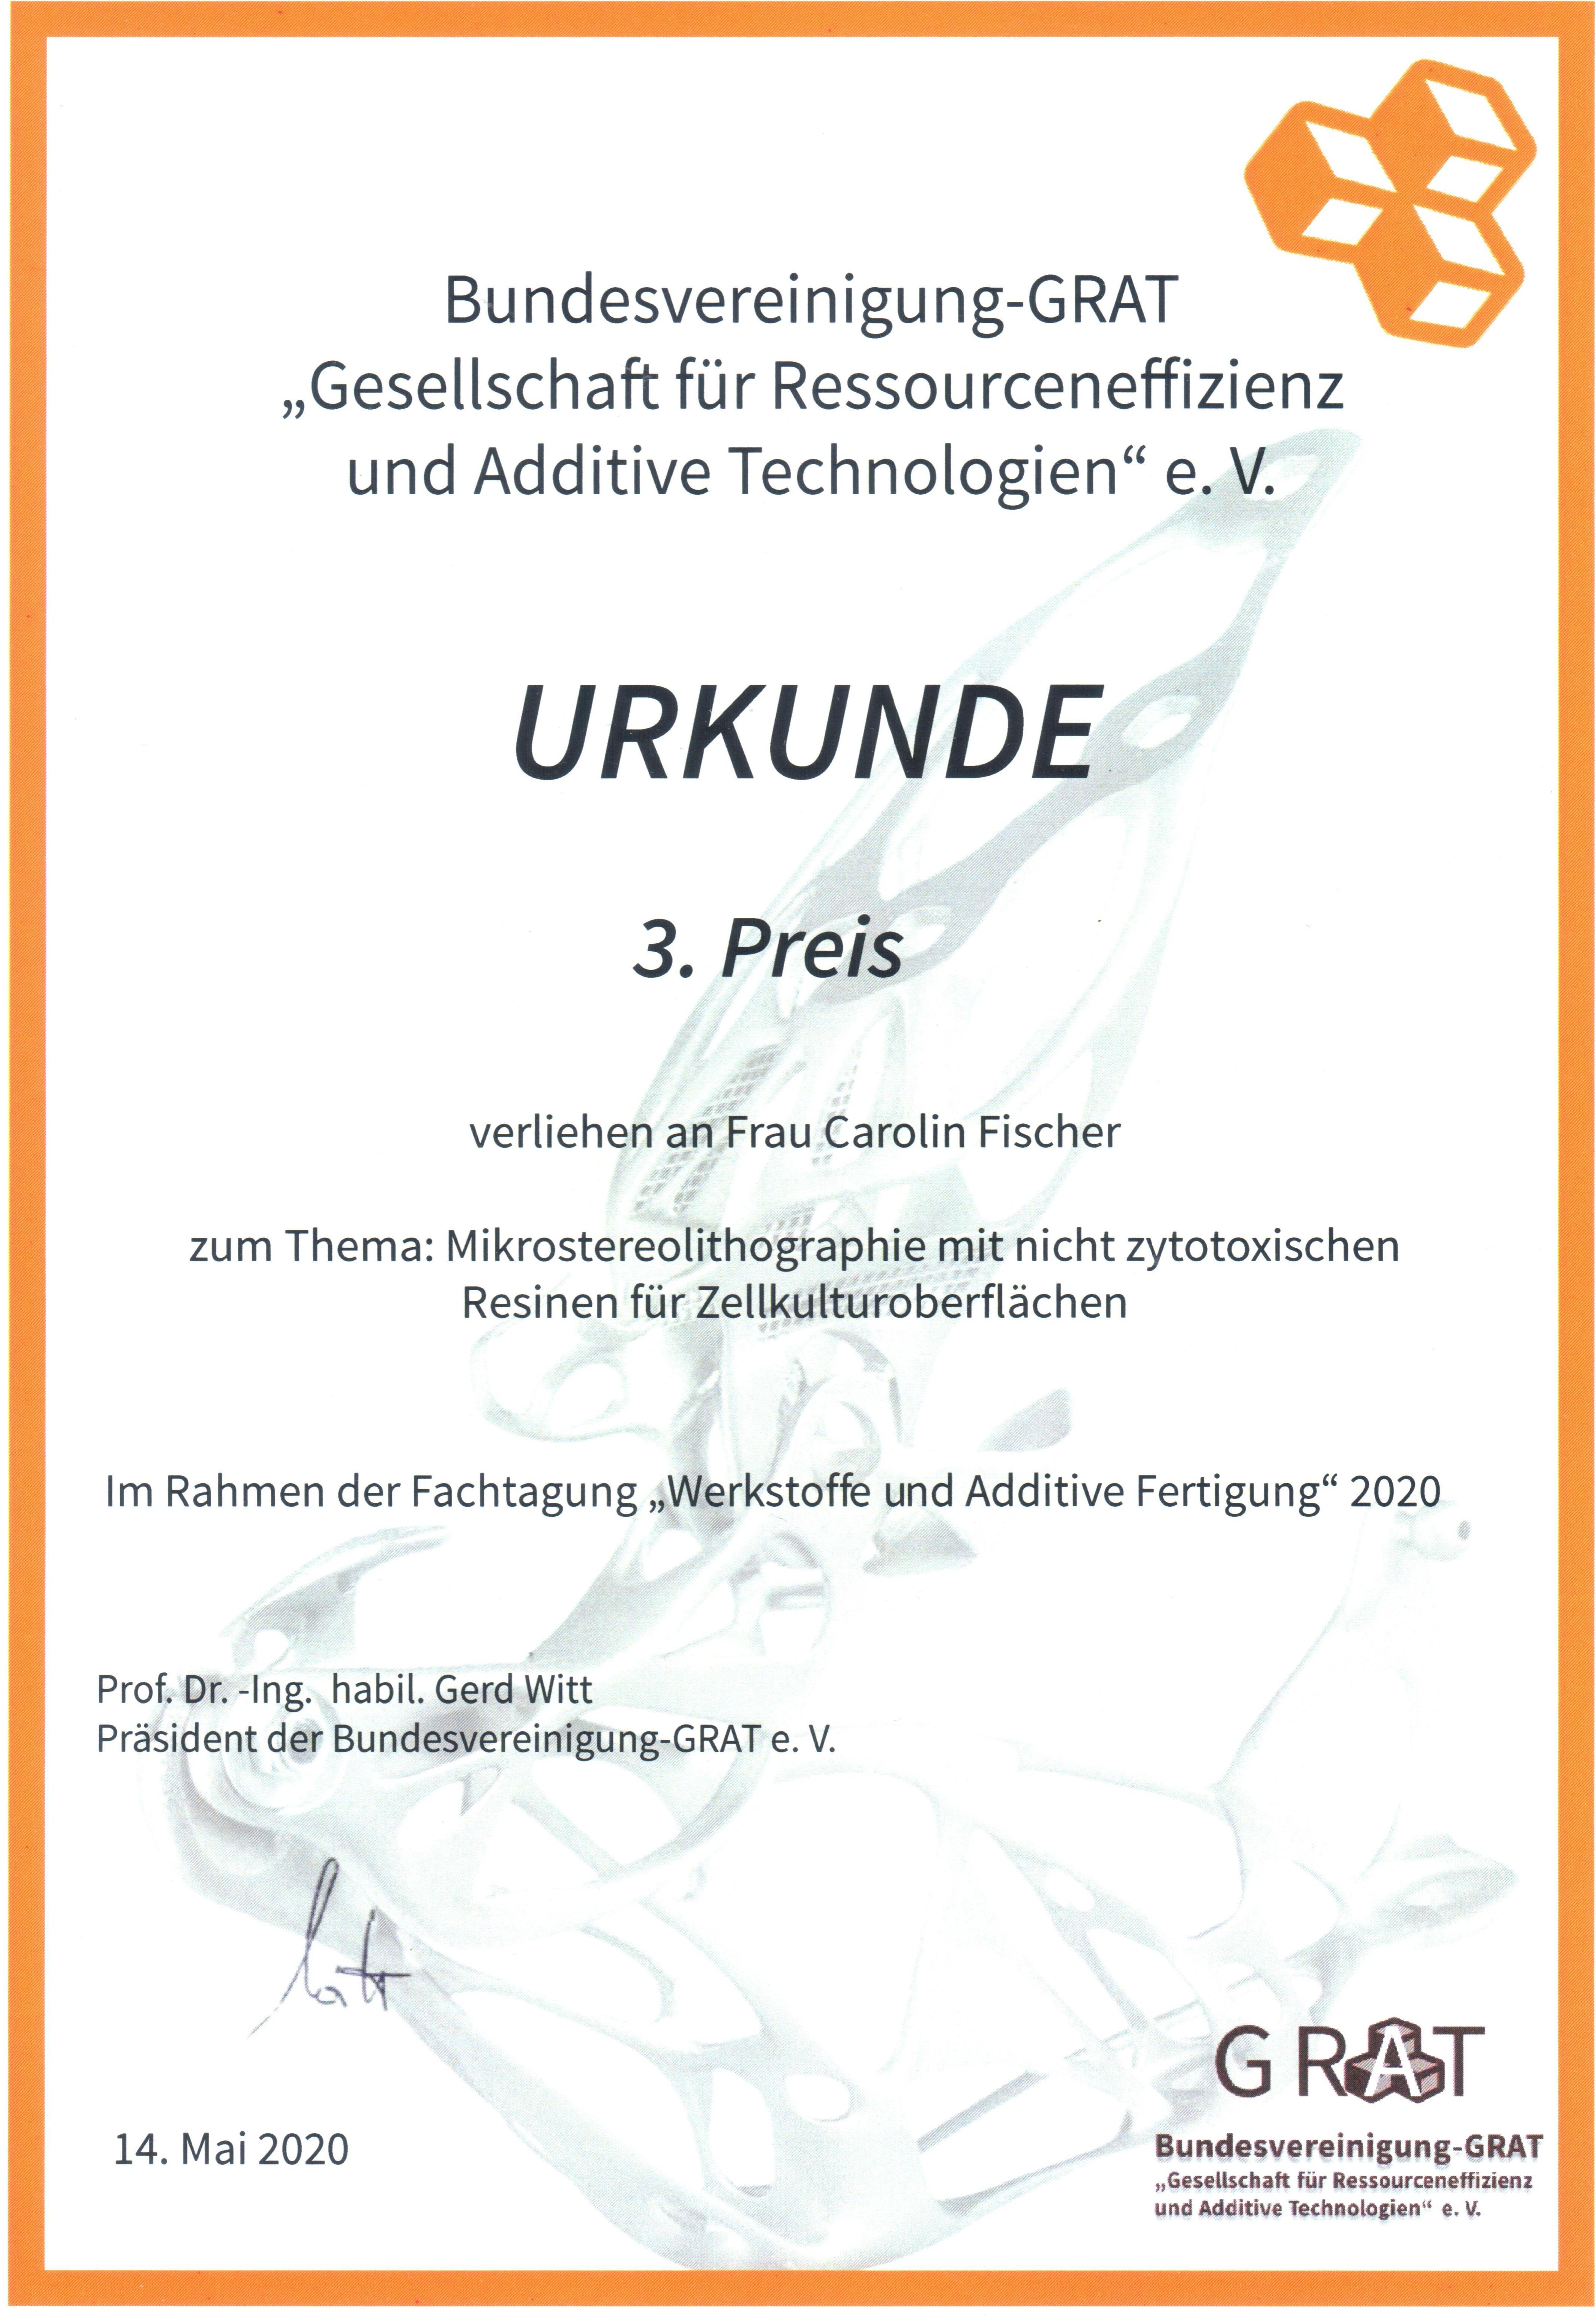 urkunde-posterpreis-e159.jpg